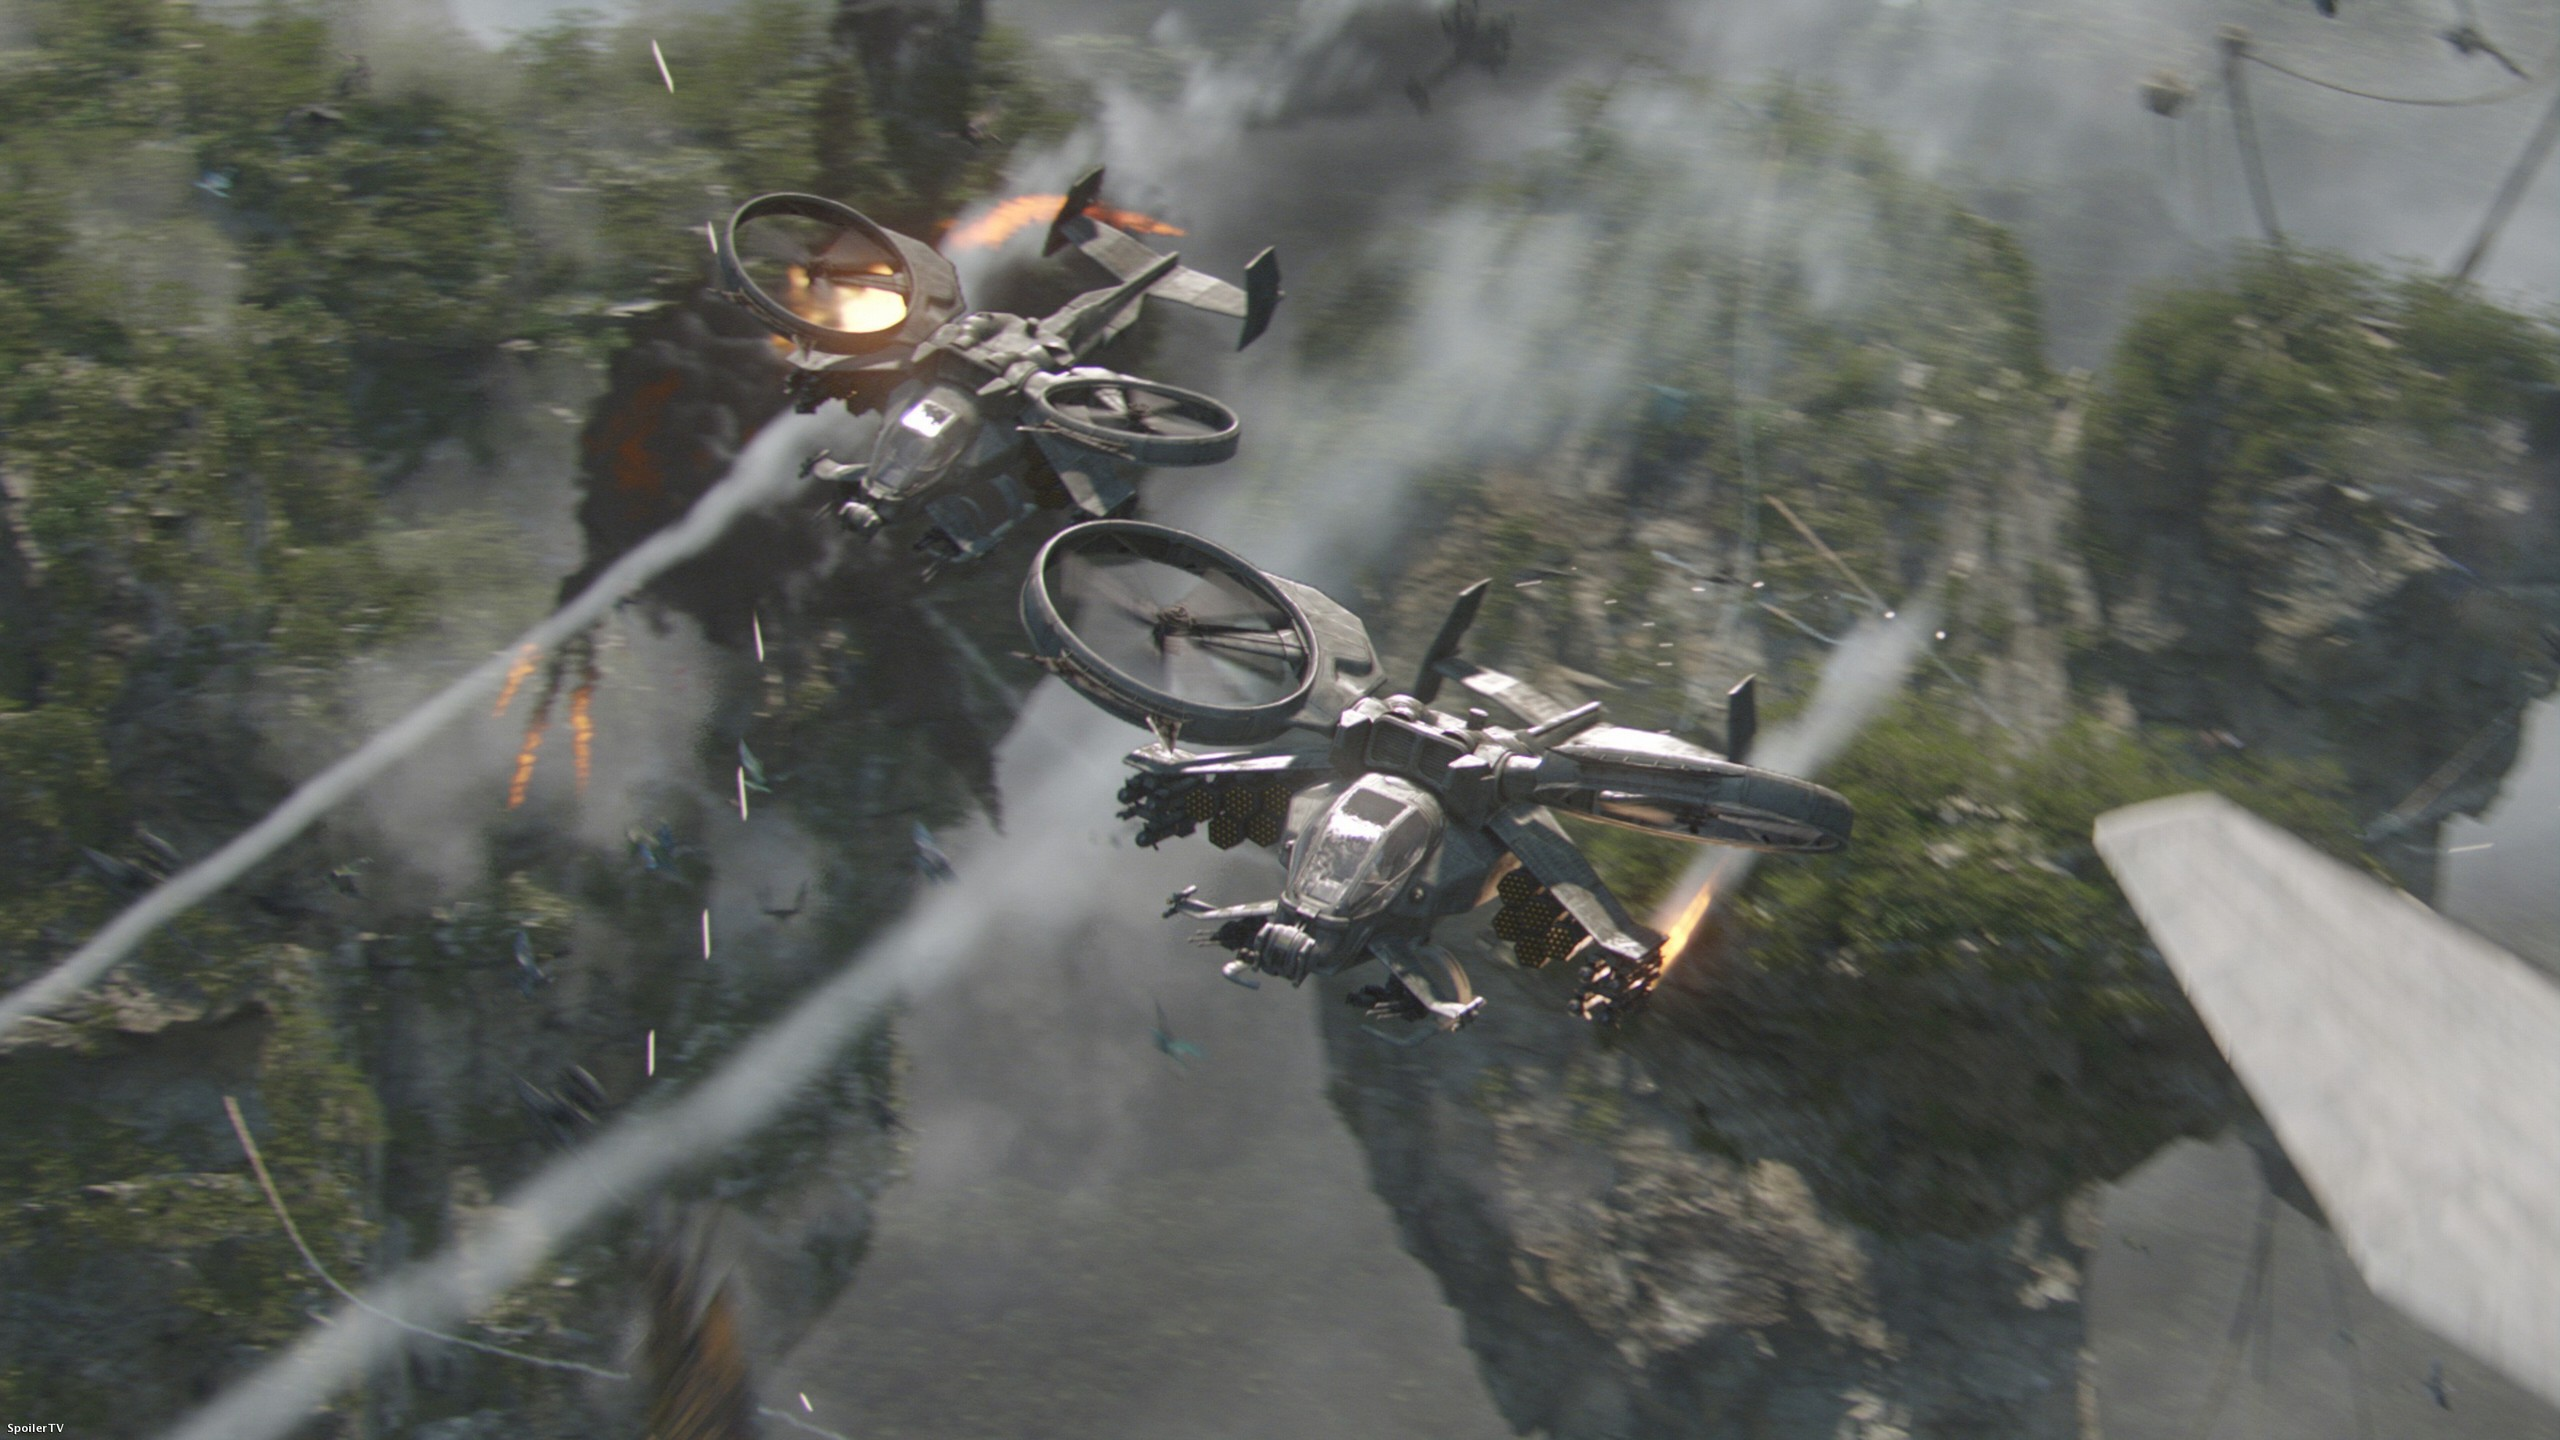 Resultado de la imagen para avatar 2 película + helicóptero